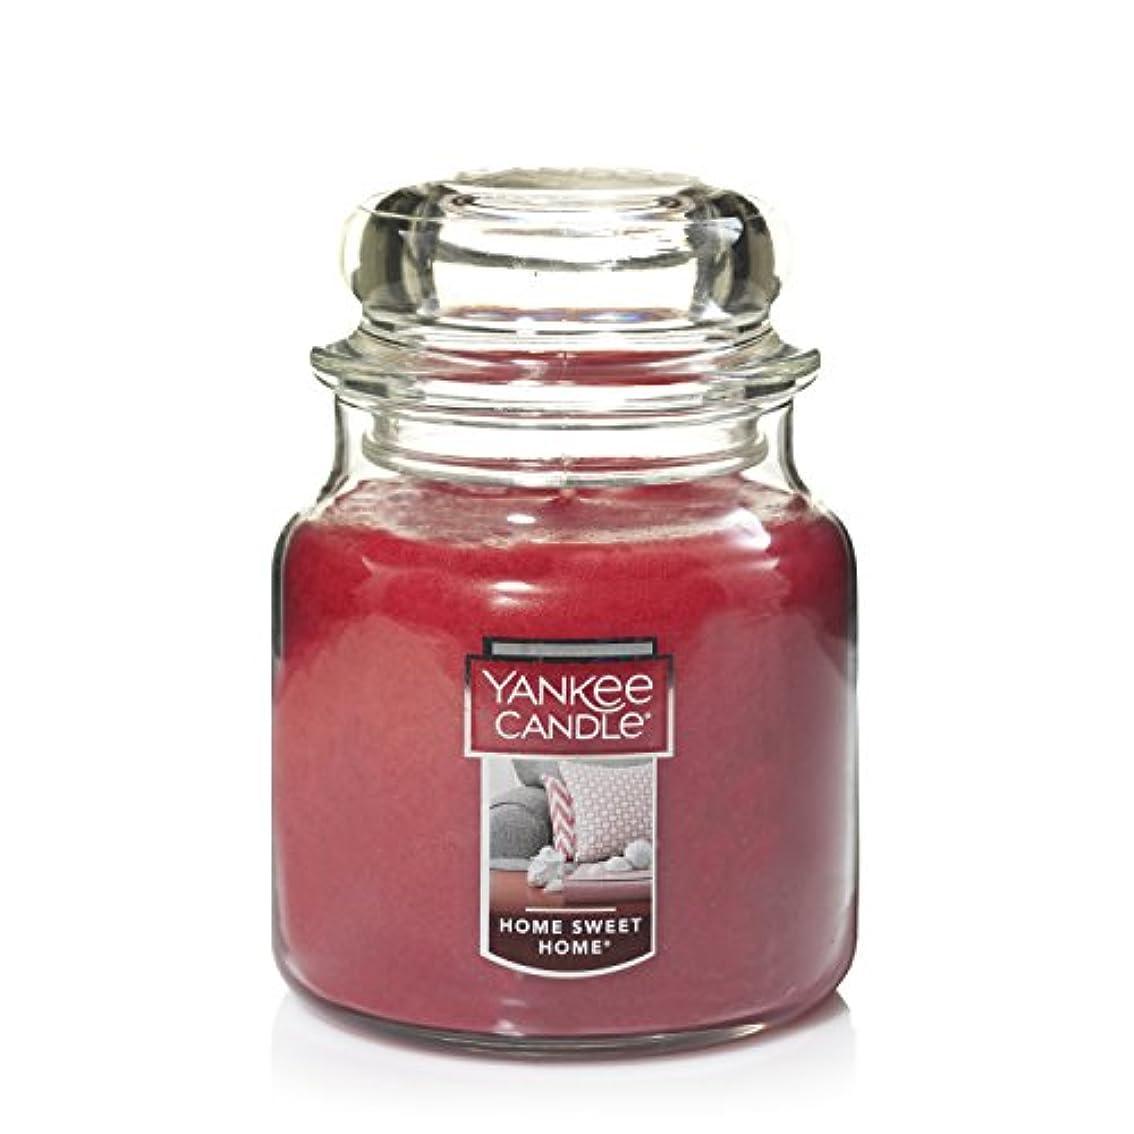 ほめる取る贅沢Yankee Candle Home Sweet Home Medium Jar 14.5oz Candle One レッド 11497-YC